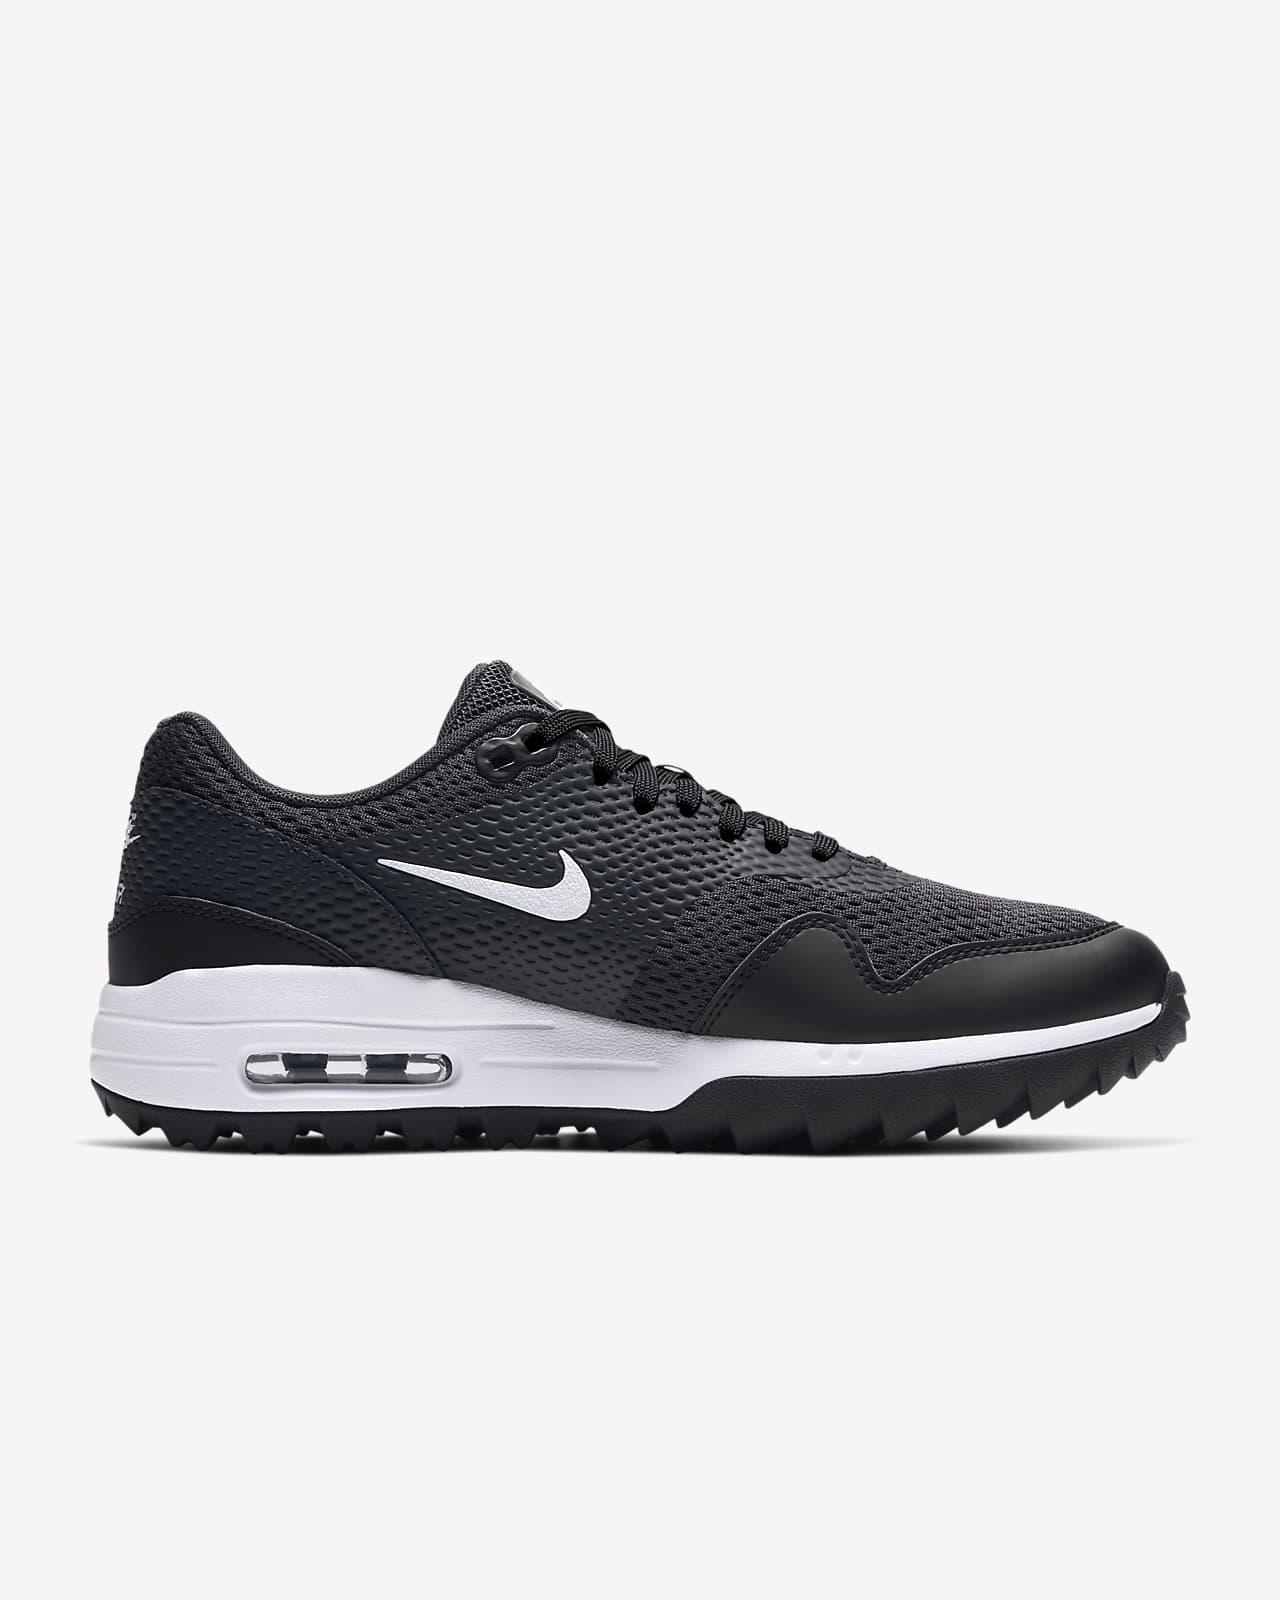 Nike Air Max 1 G Women's Golf Shoe. Nike LU